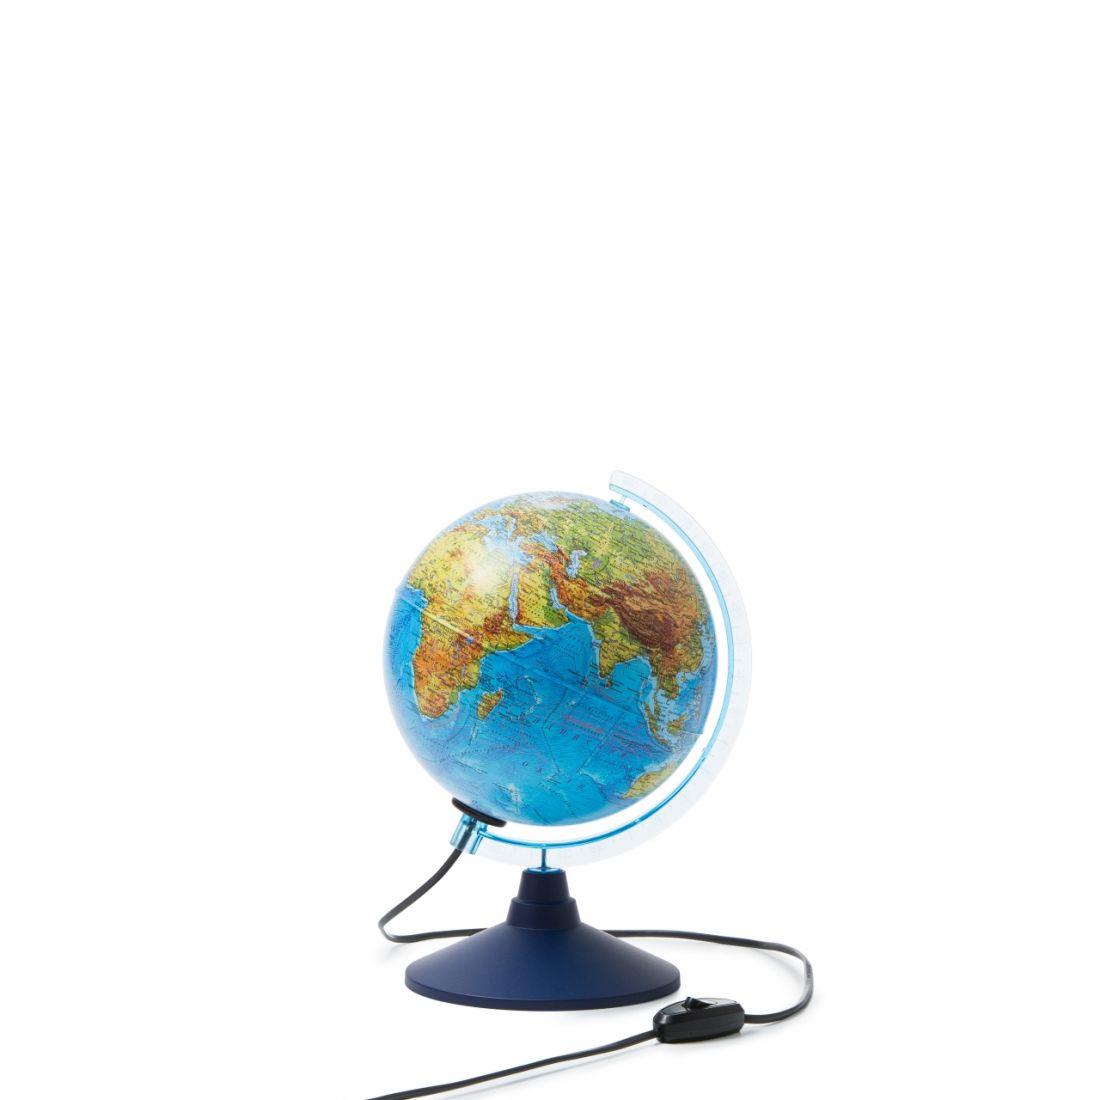 Глобус GLOBEN INT12100298 Земли интерактивный физико-политический с подсветкой 210мм с очками VR